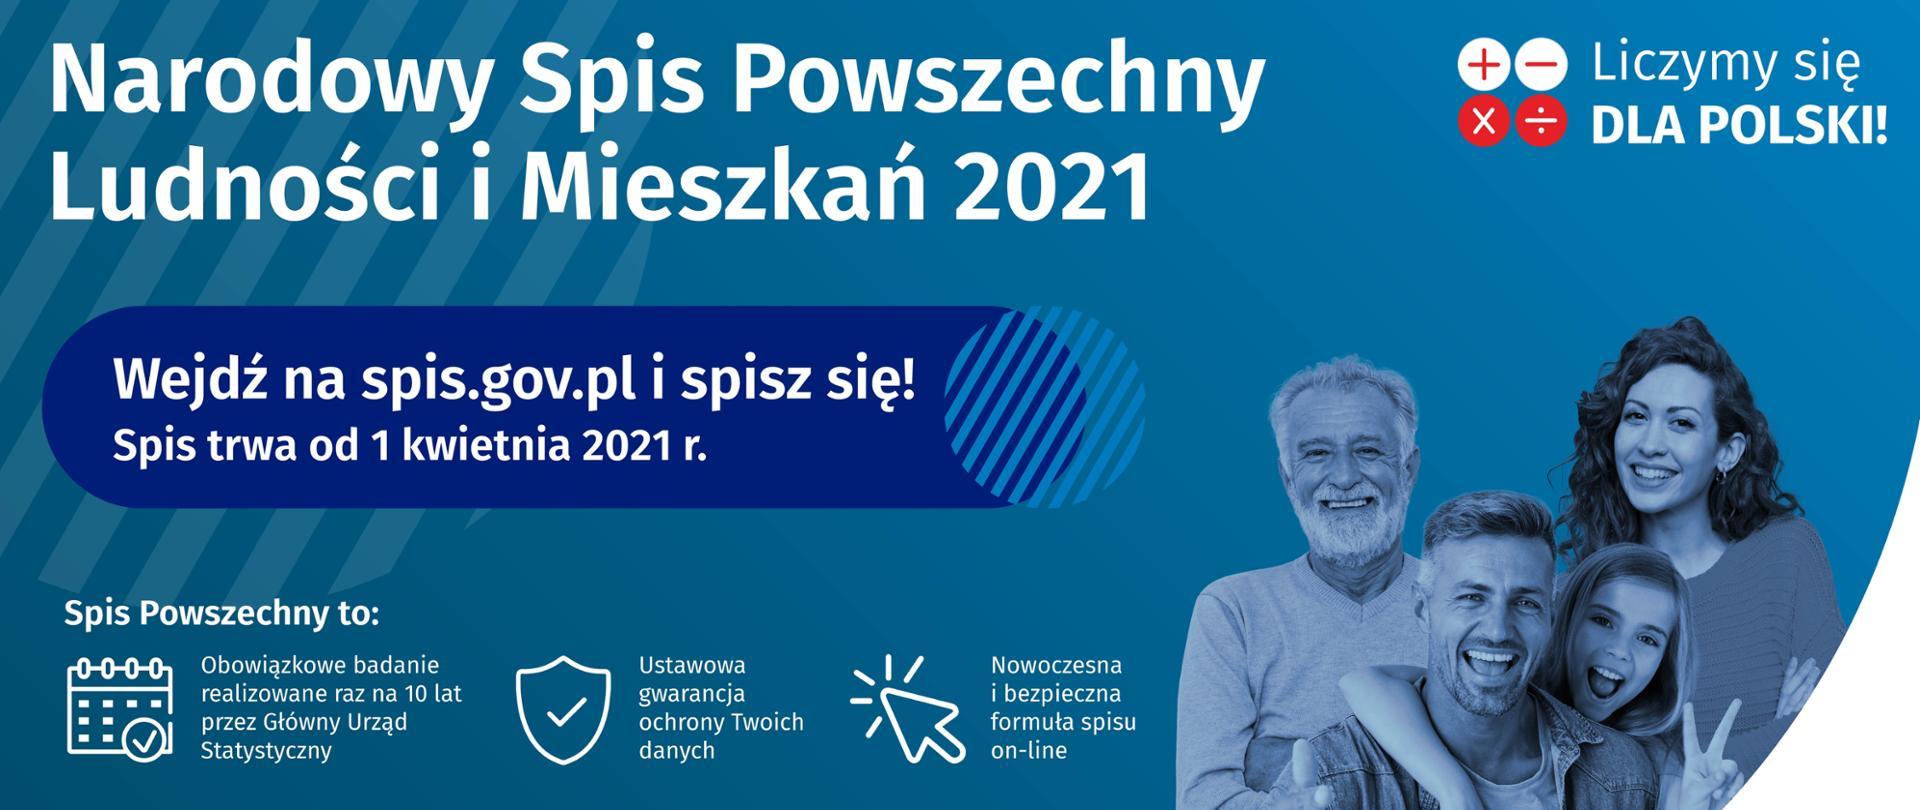 Narodowy Spis Powszechny Ludności i Mieszkań 2021 - Gmina Leżajsk - Portal  gov.pl